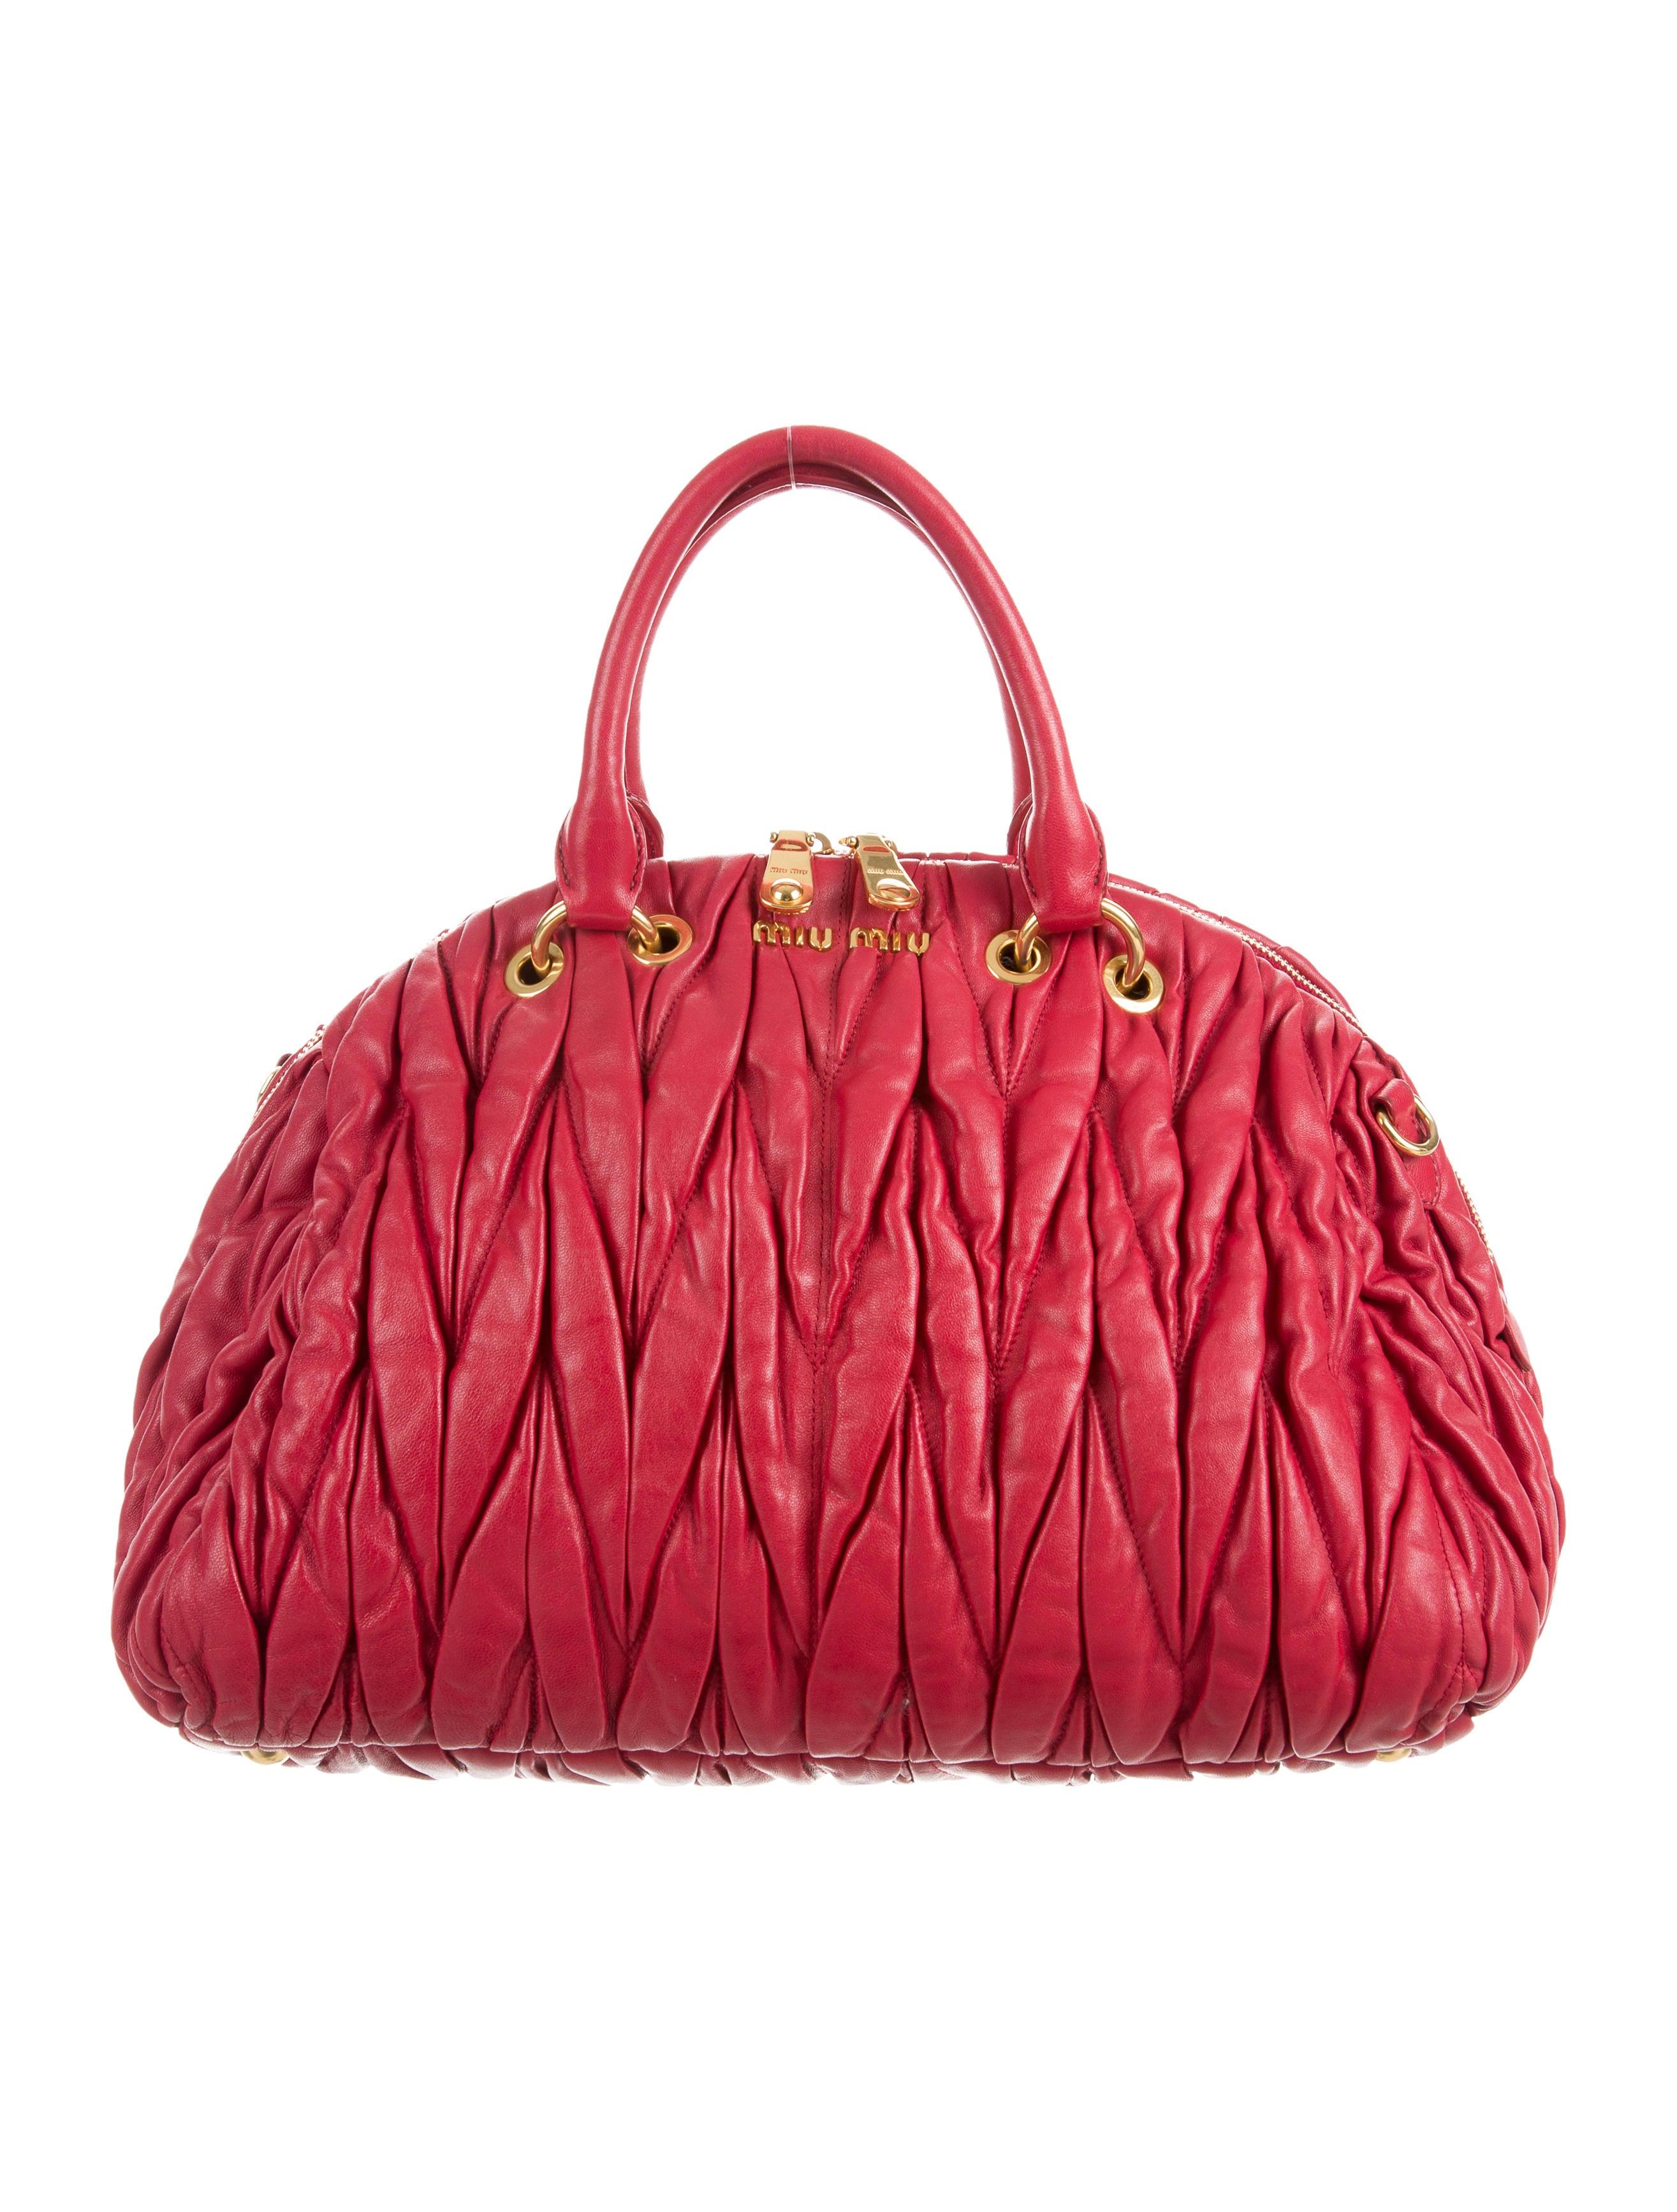 miu miu matelass leather satchel handbags miu51584 the realreal. Black Bedroom Furniture Sets. Home Design Ideas